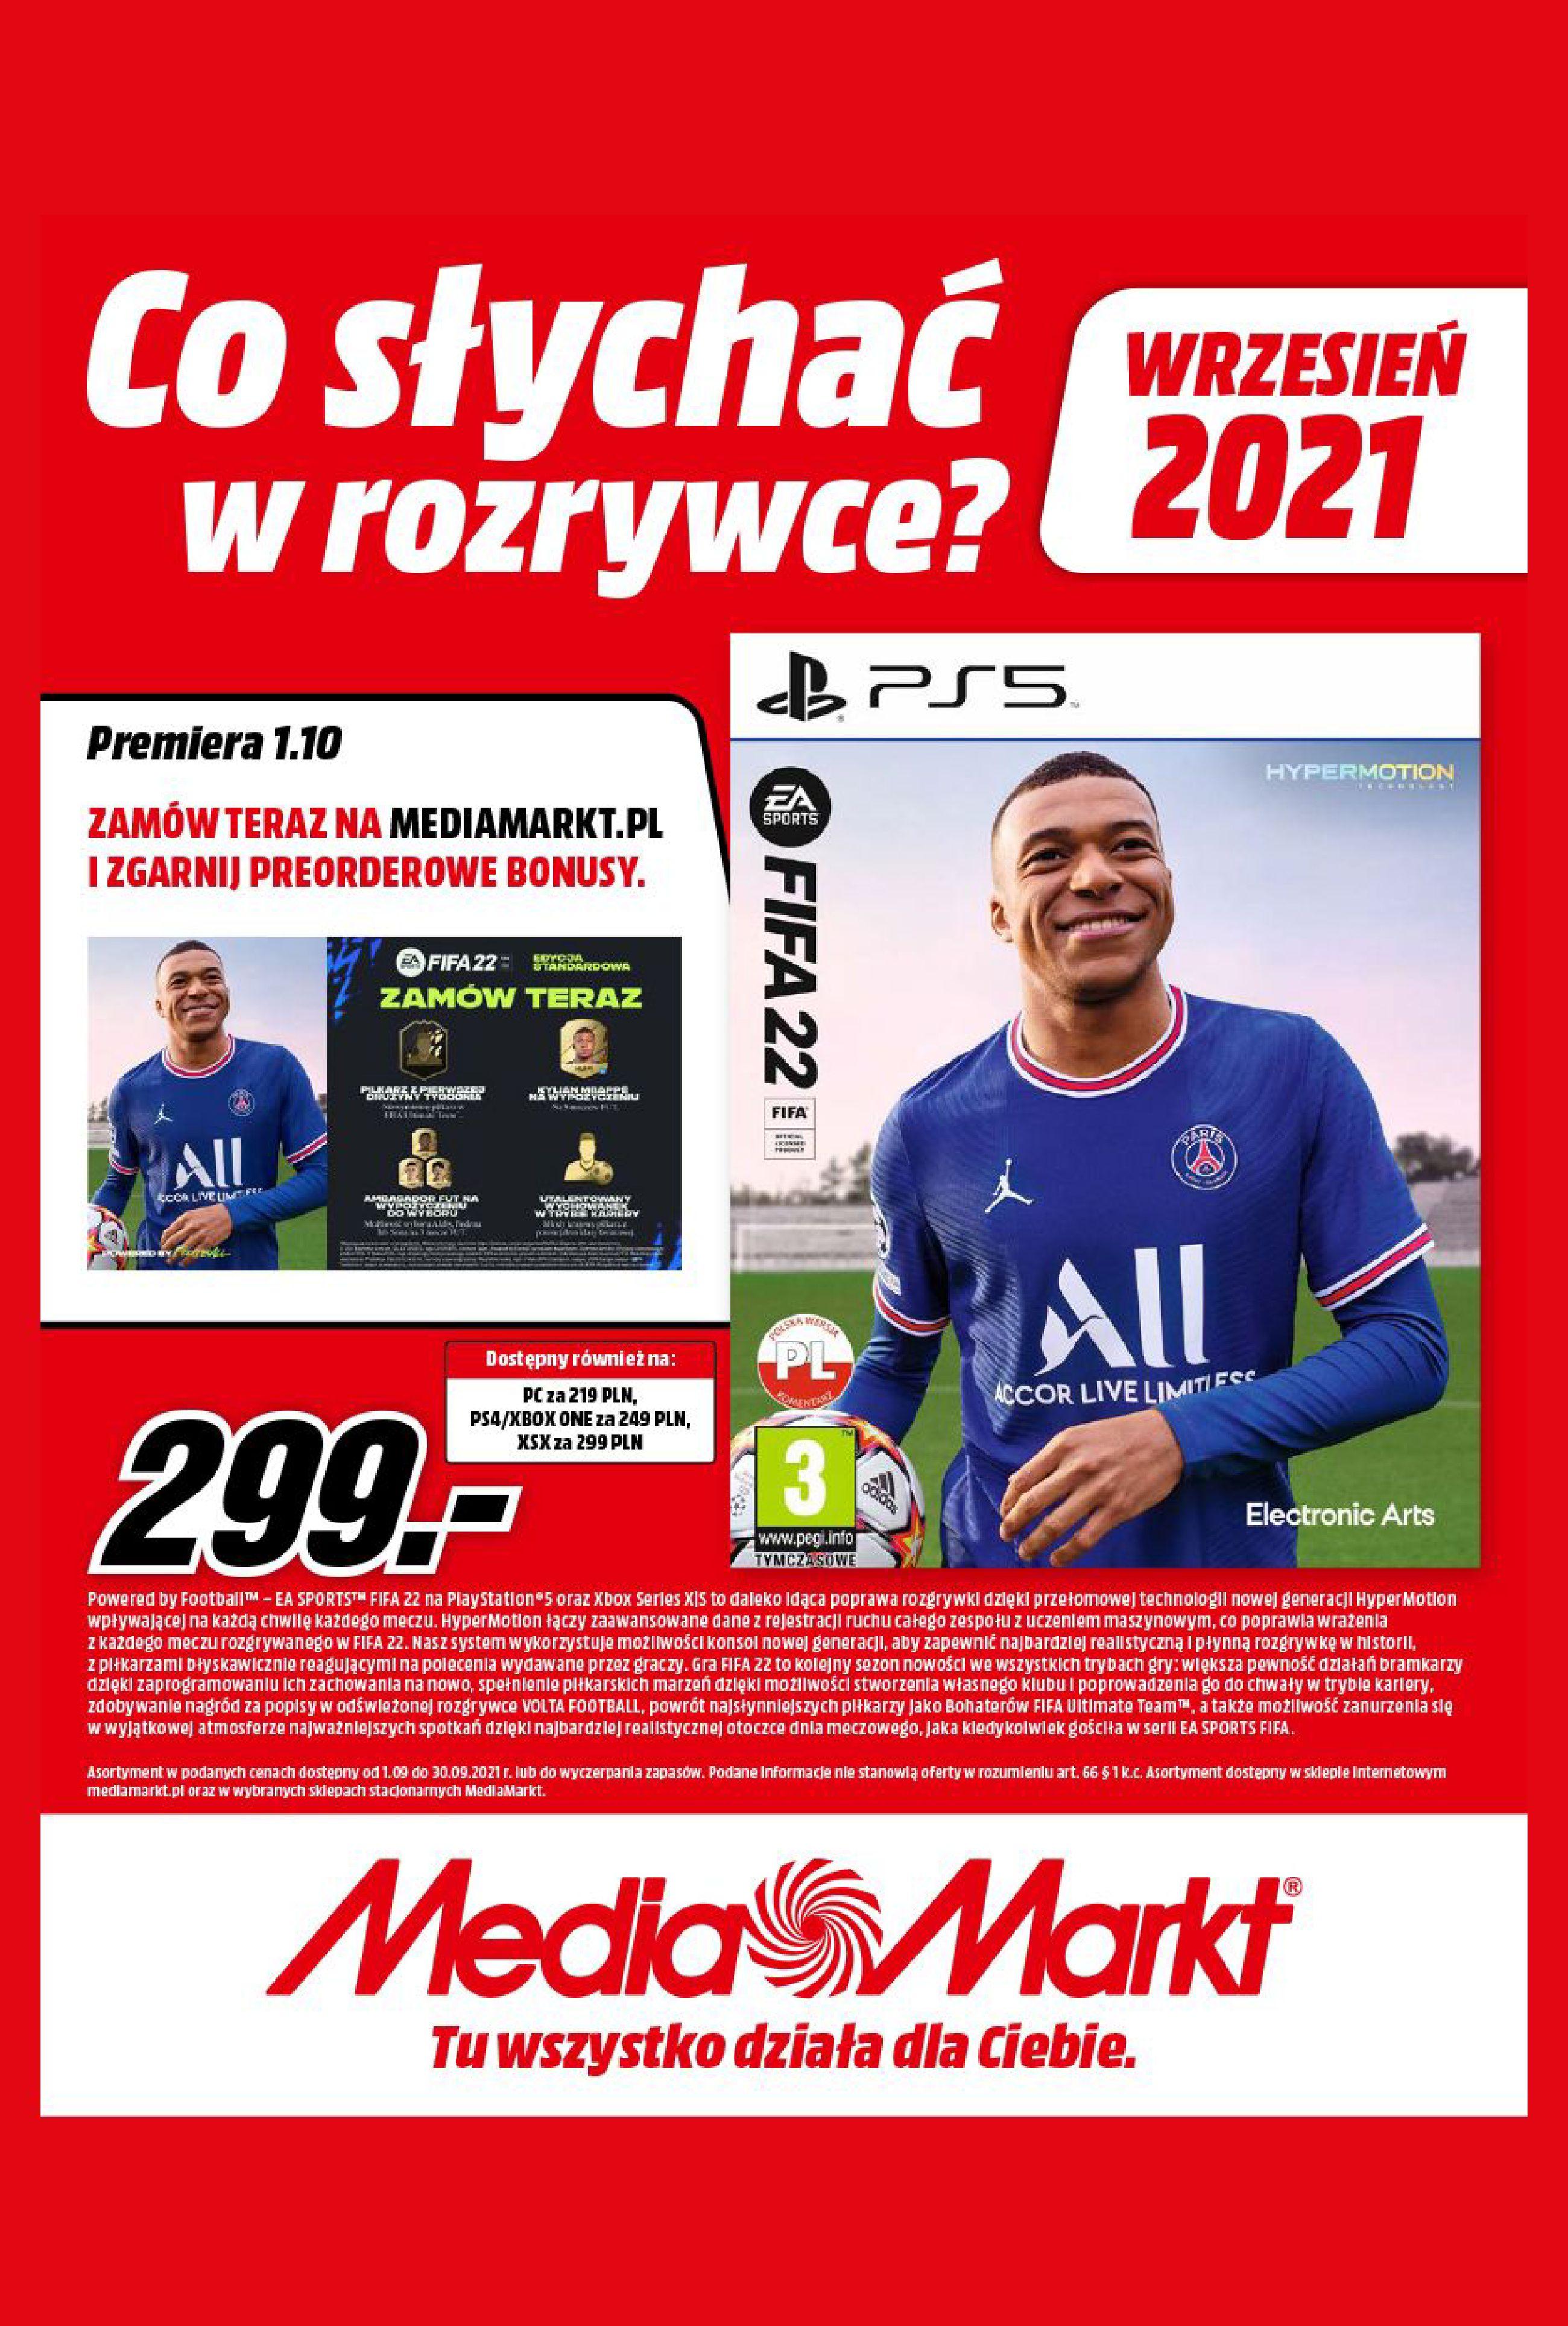 Gazetka Media Markt: Gazetka Media Markt - Wrzesień 2021 2021-09-09 page-1